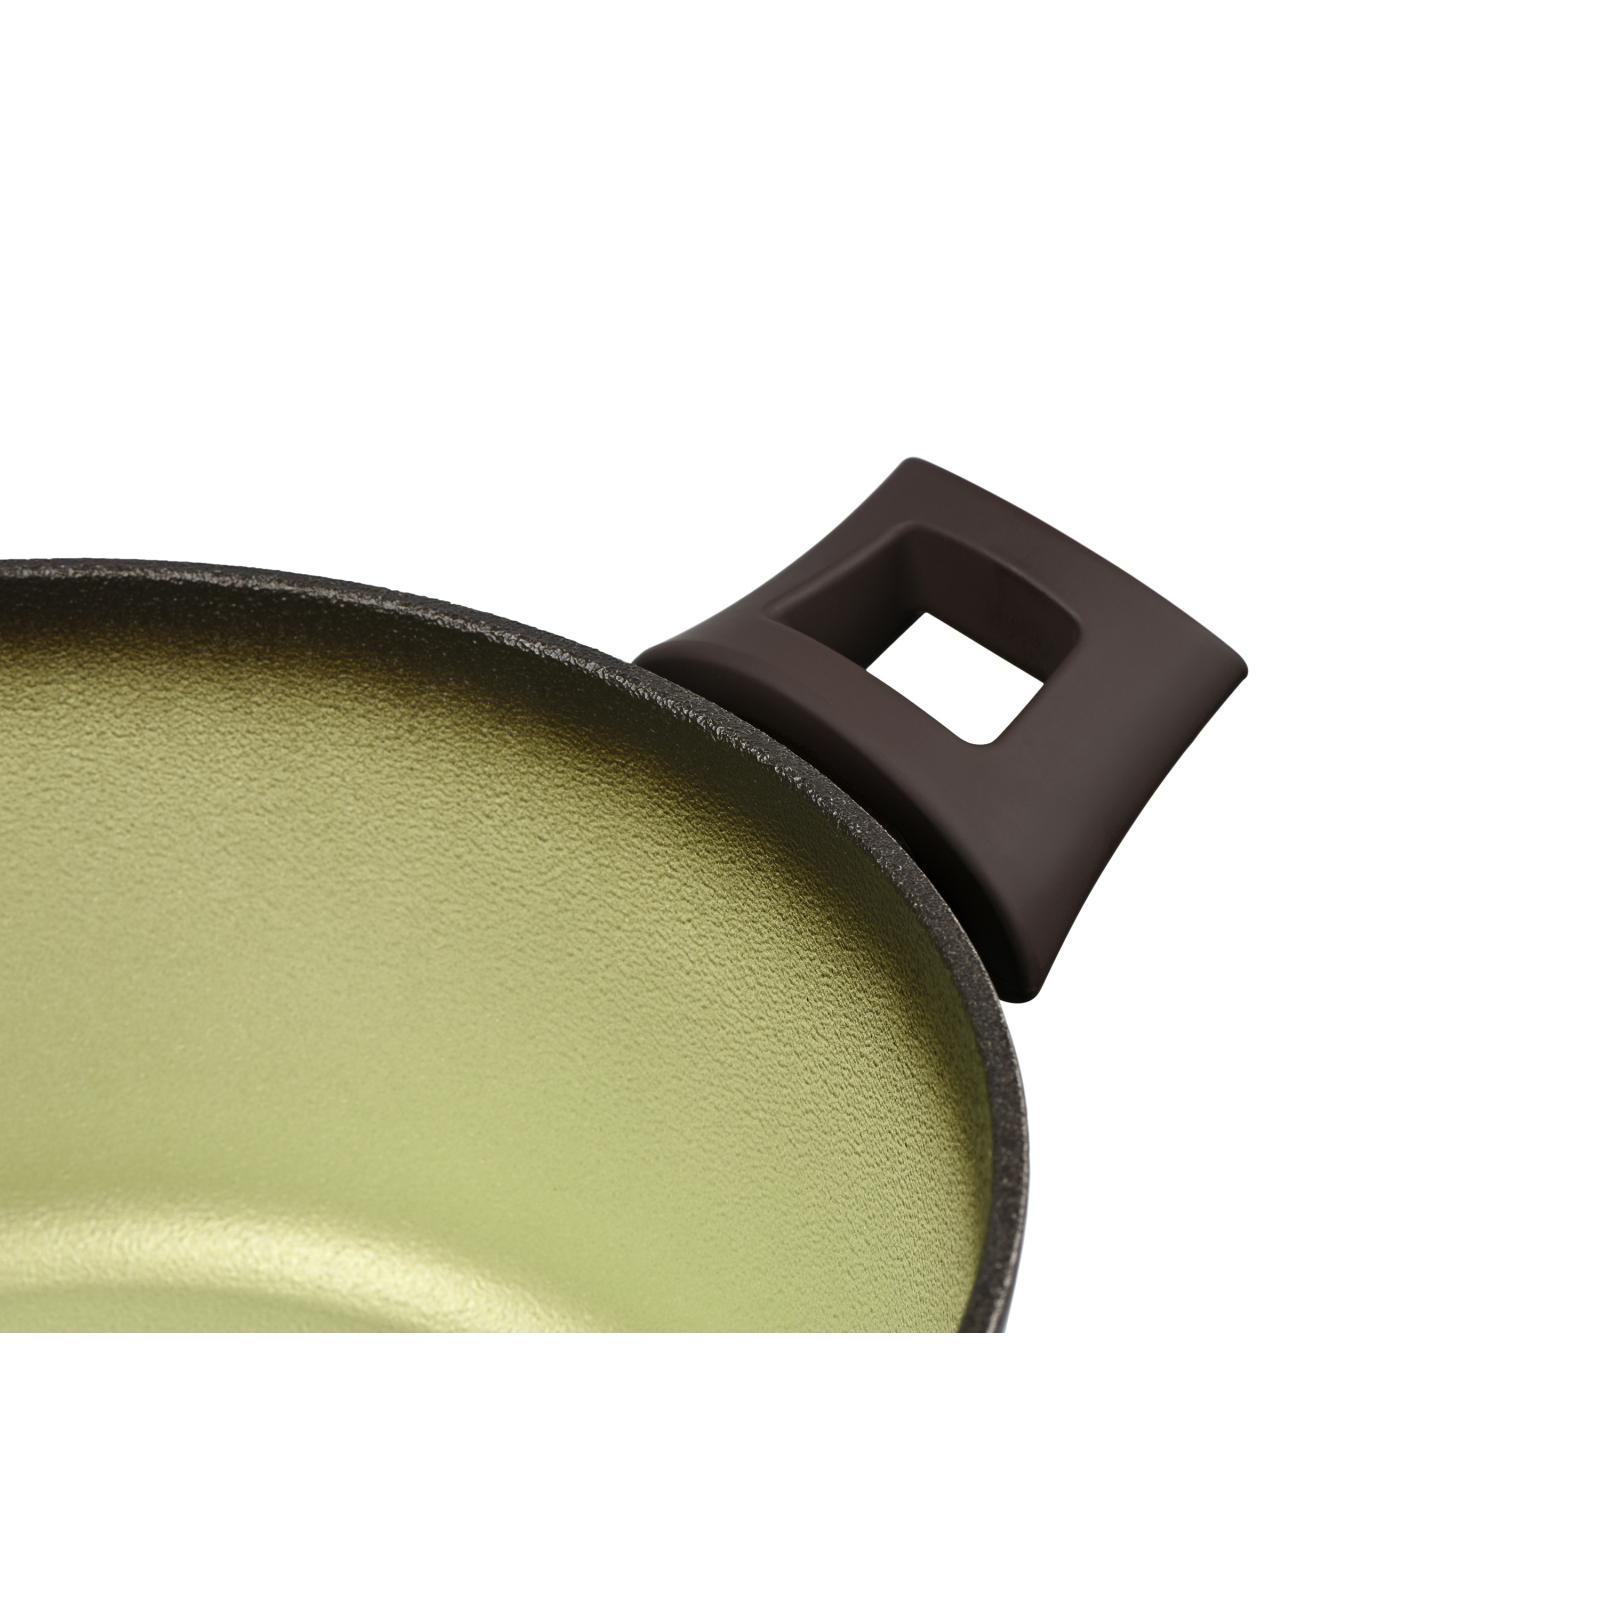 Кастрюля Ardesto Avocado с крышккой 3,5 л (AR2535CA) изображение 4